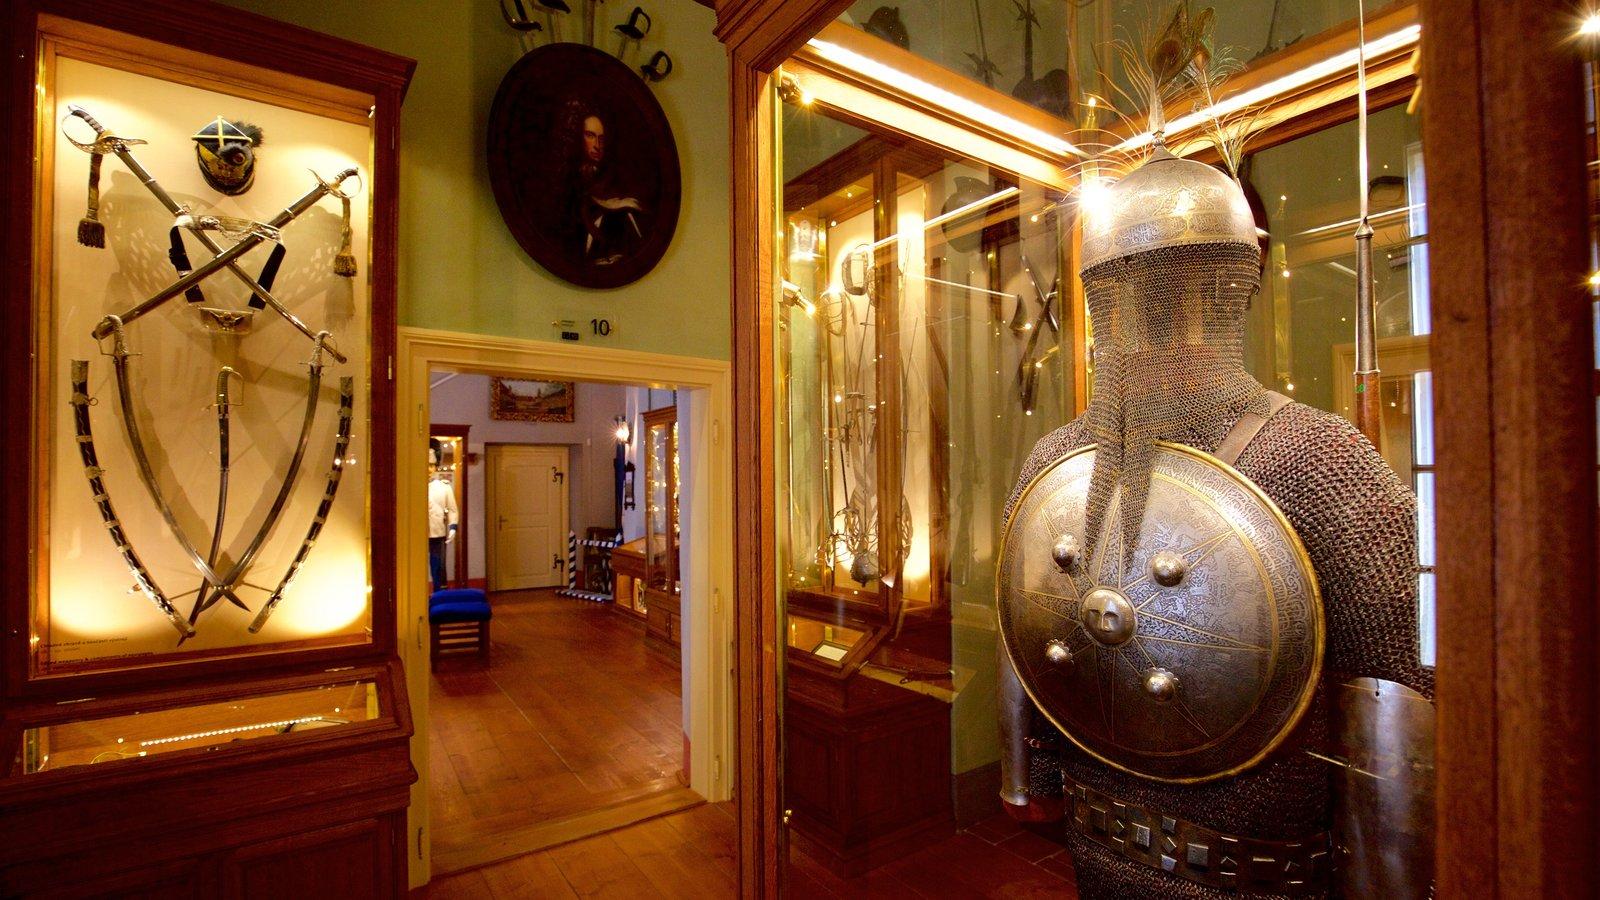 cesky krumlov castle pictures: view photos & images of cesky